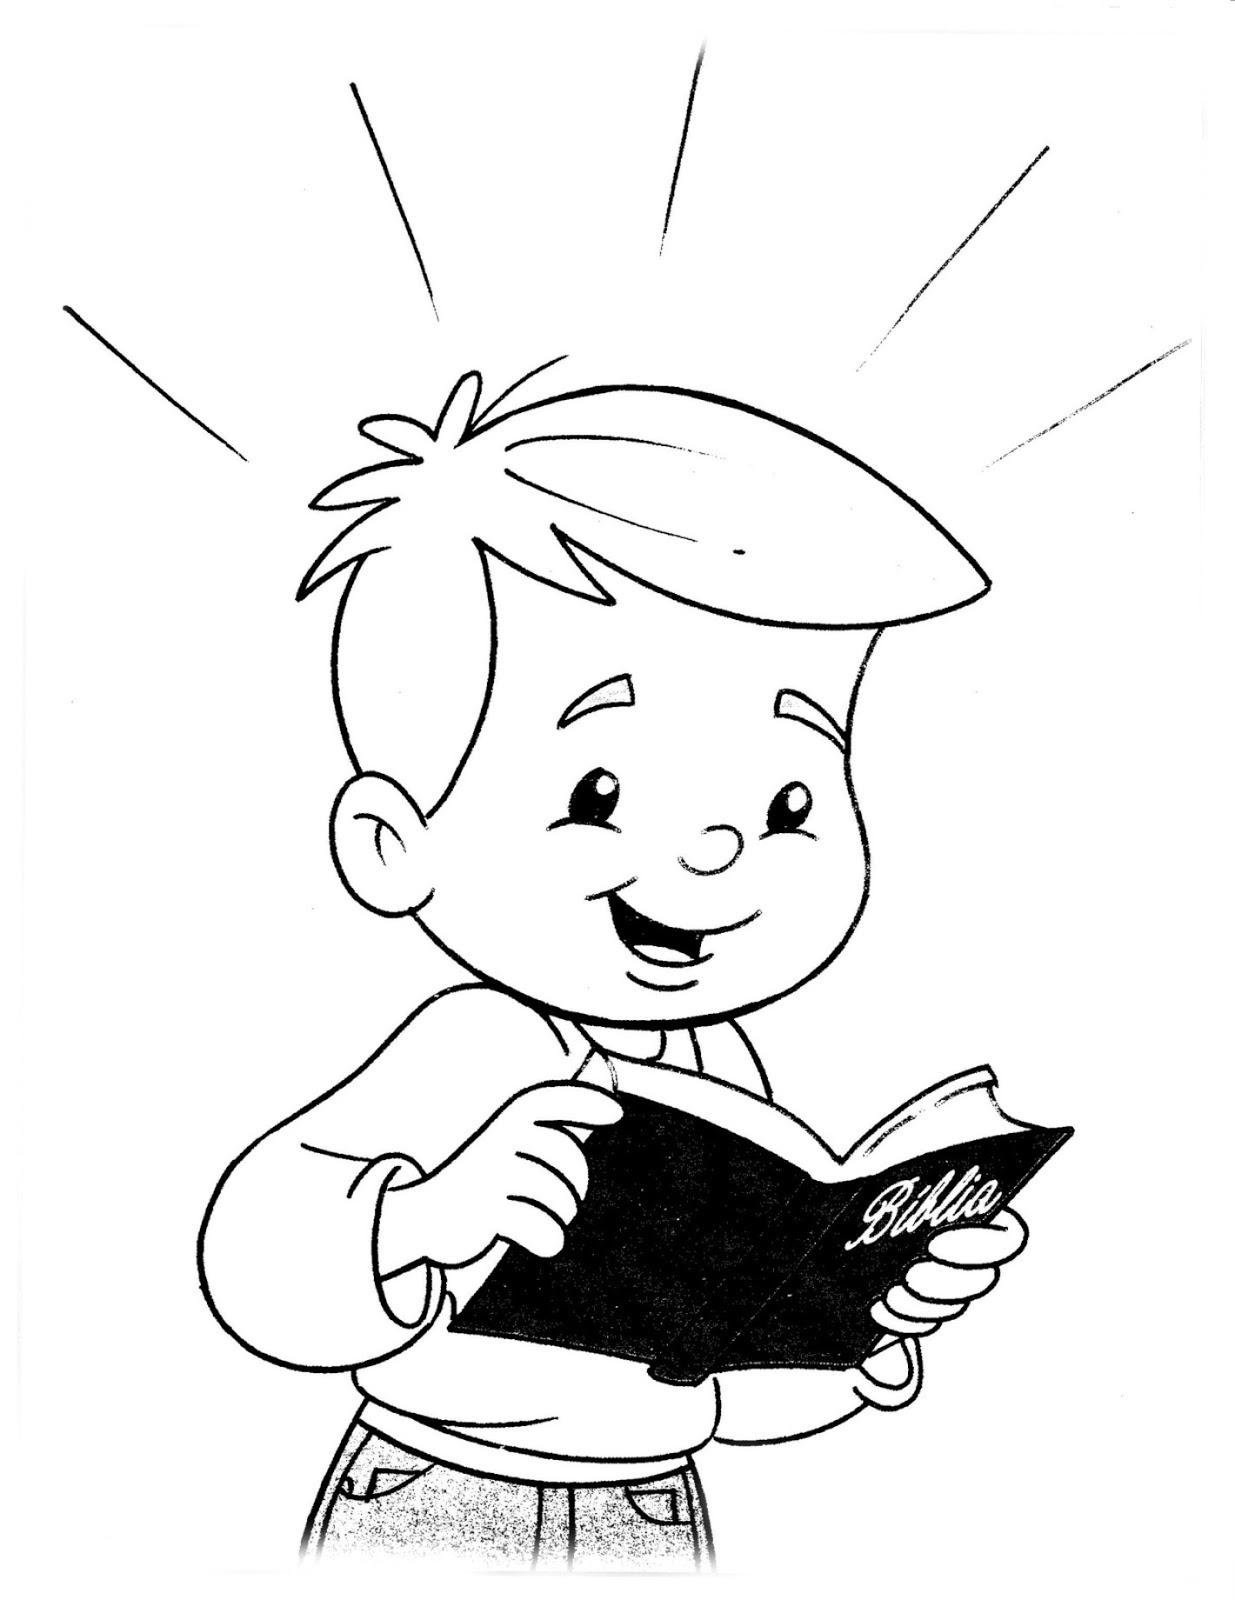 biblical coloring pages for kid | Niño leyendo la biblia para colorear ~ Dibujos Cristianos ...